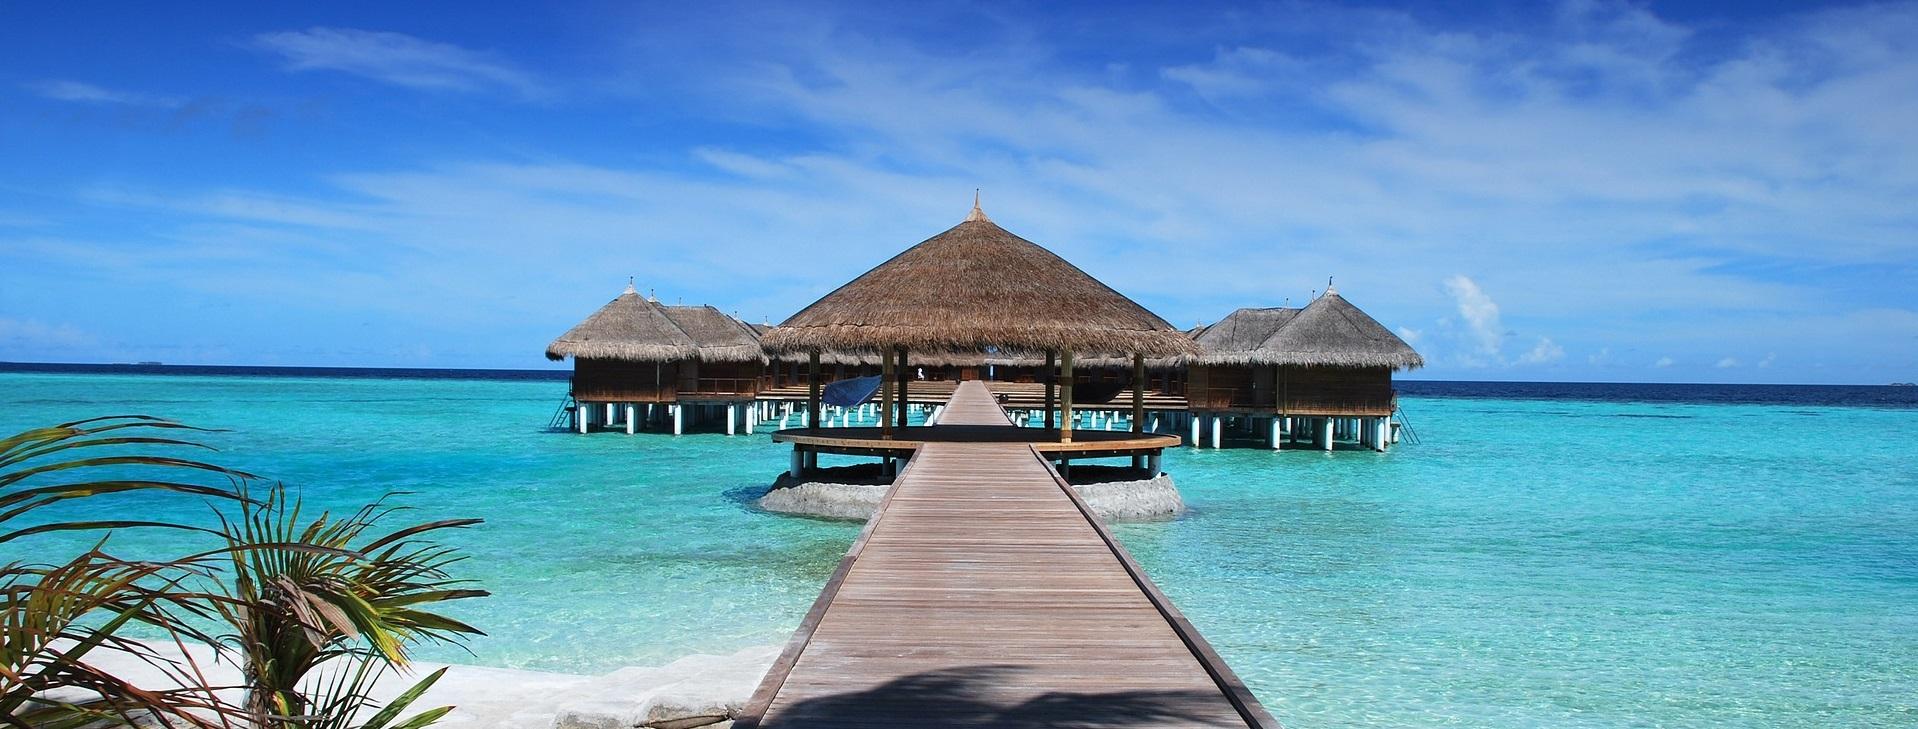 litoral maldive 2019